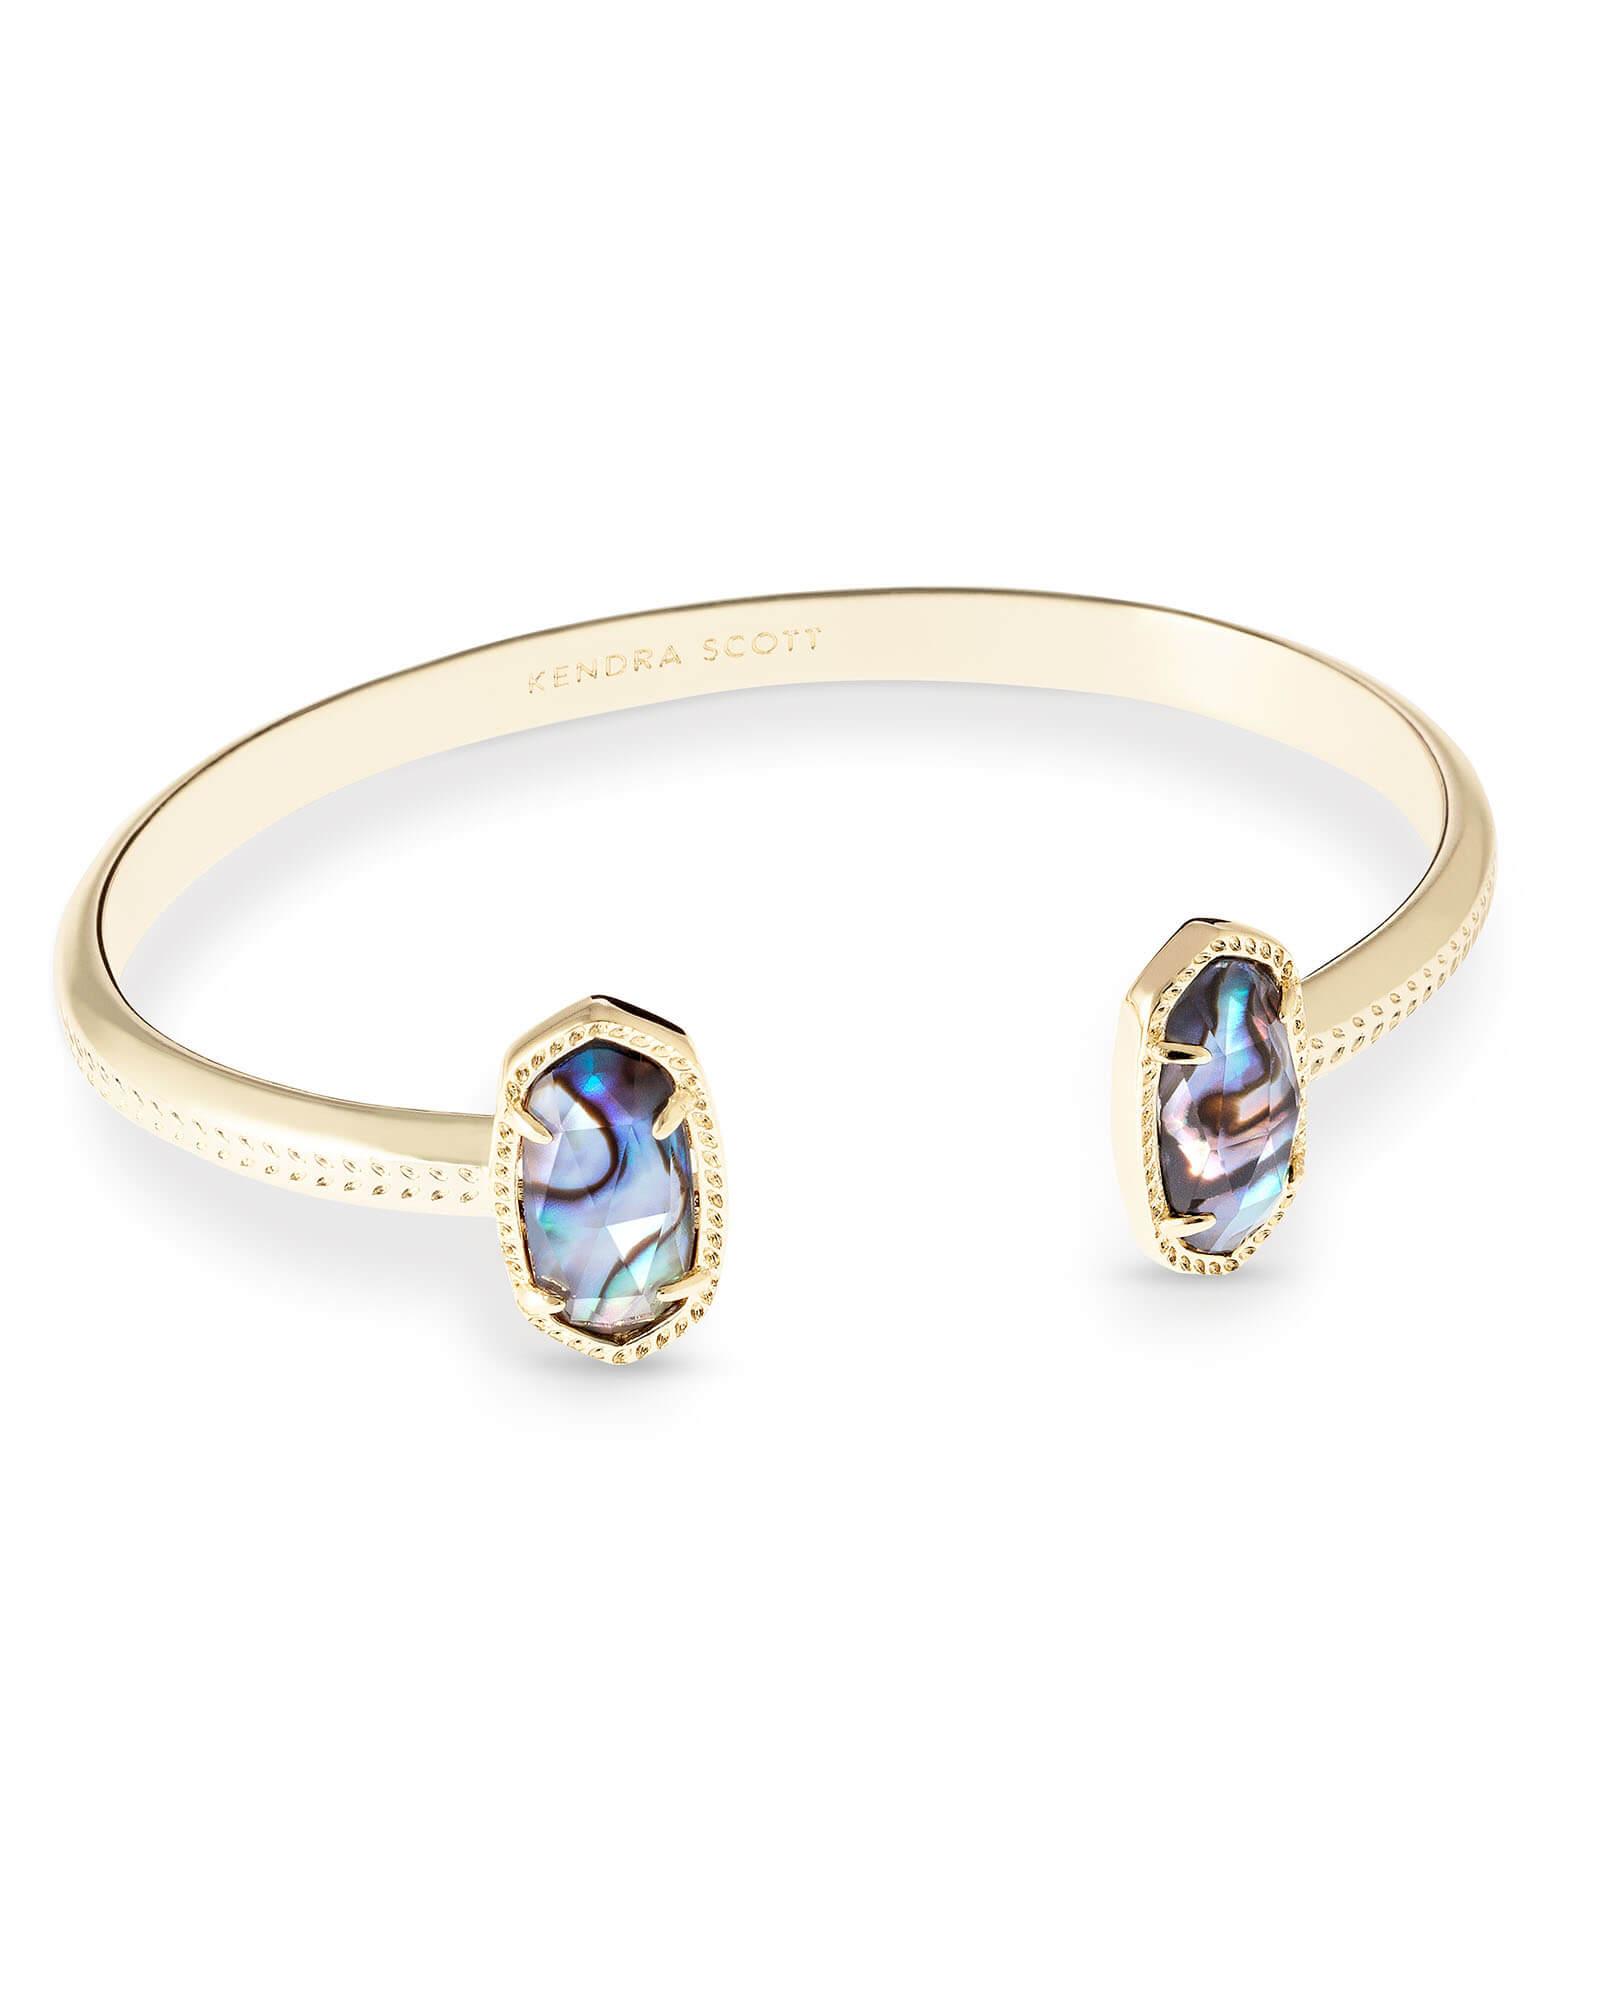 8beeef4edfa Elton Gold Cuff Bracelet in Abalone Shell | Kendra Scott